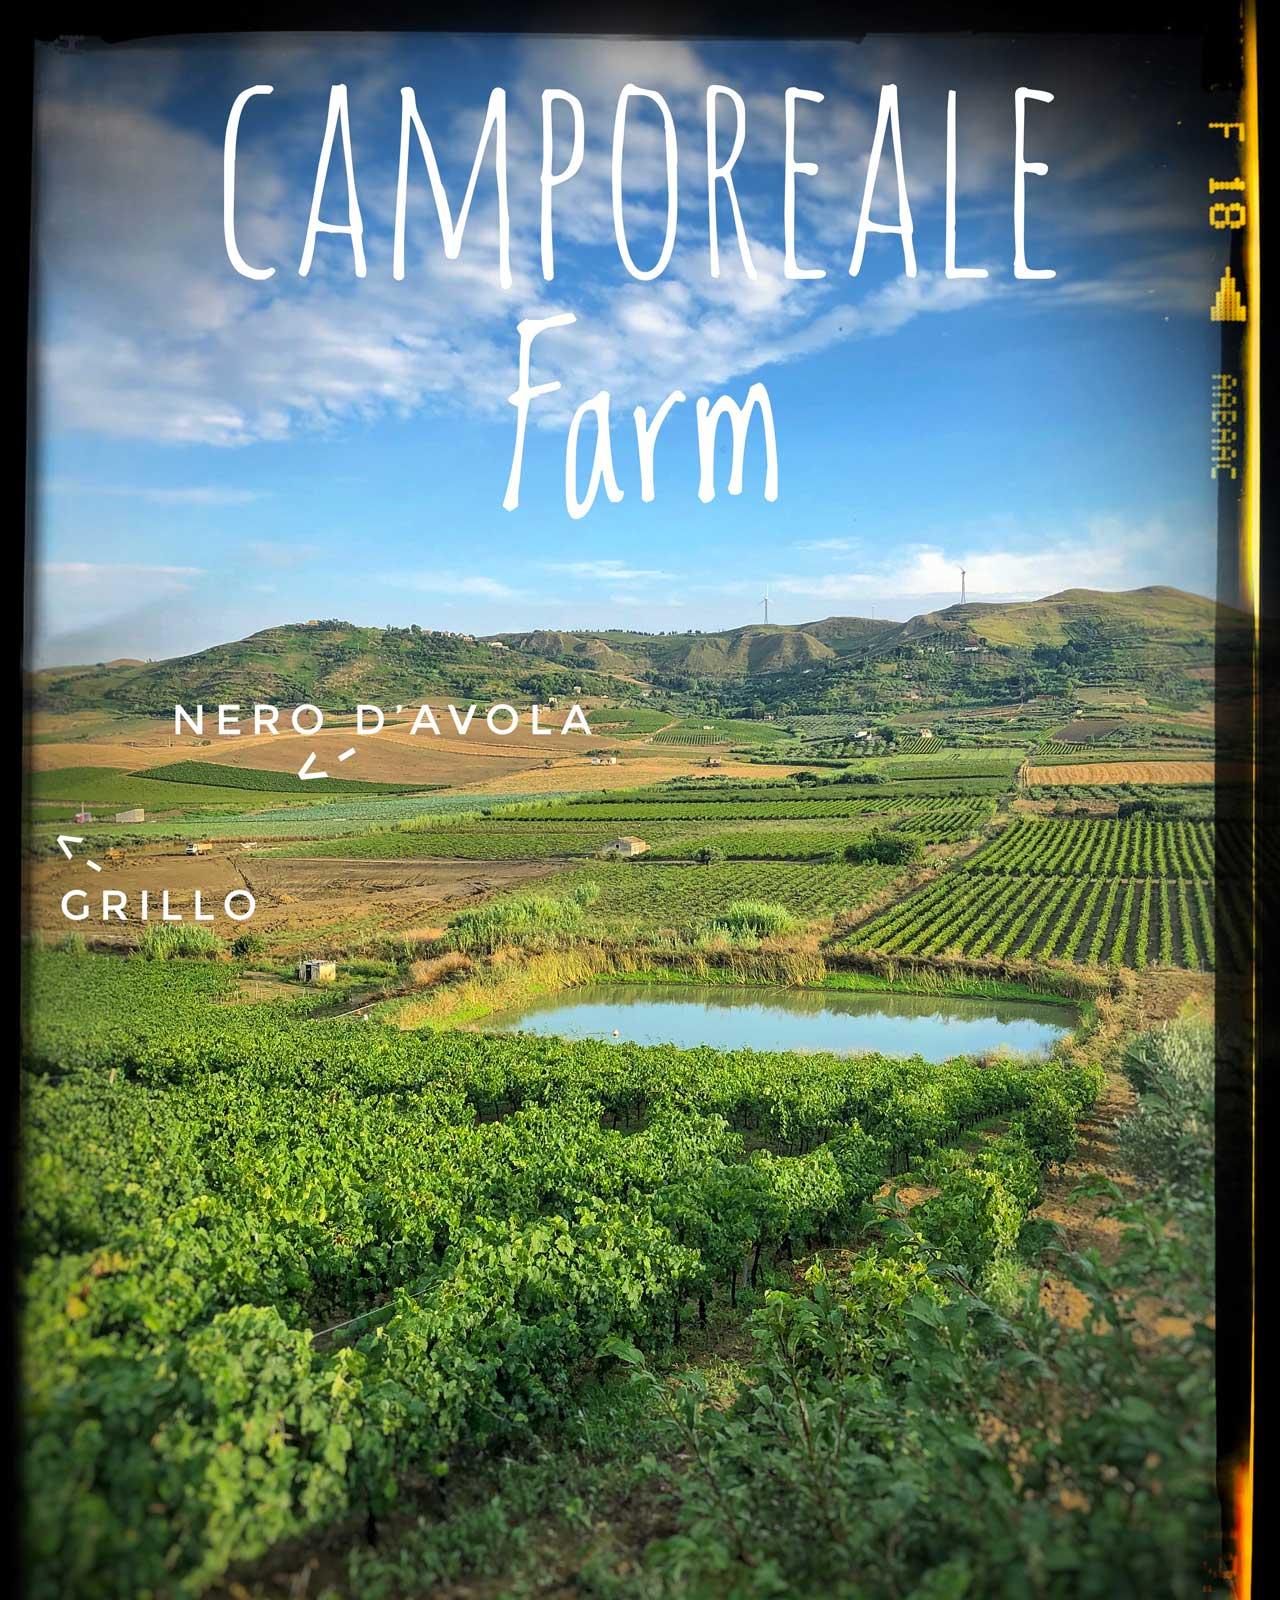 camporeale_farm_crop.jpg